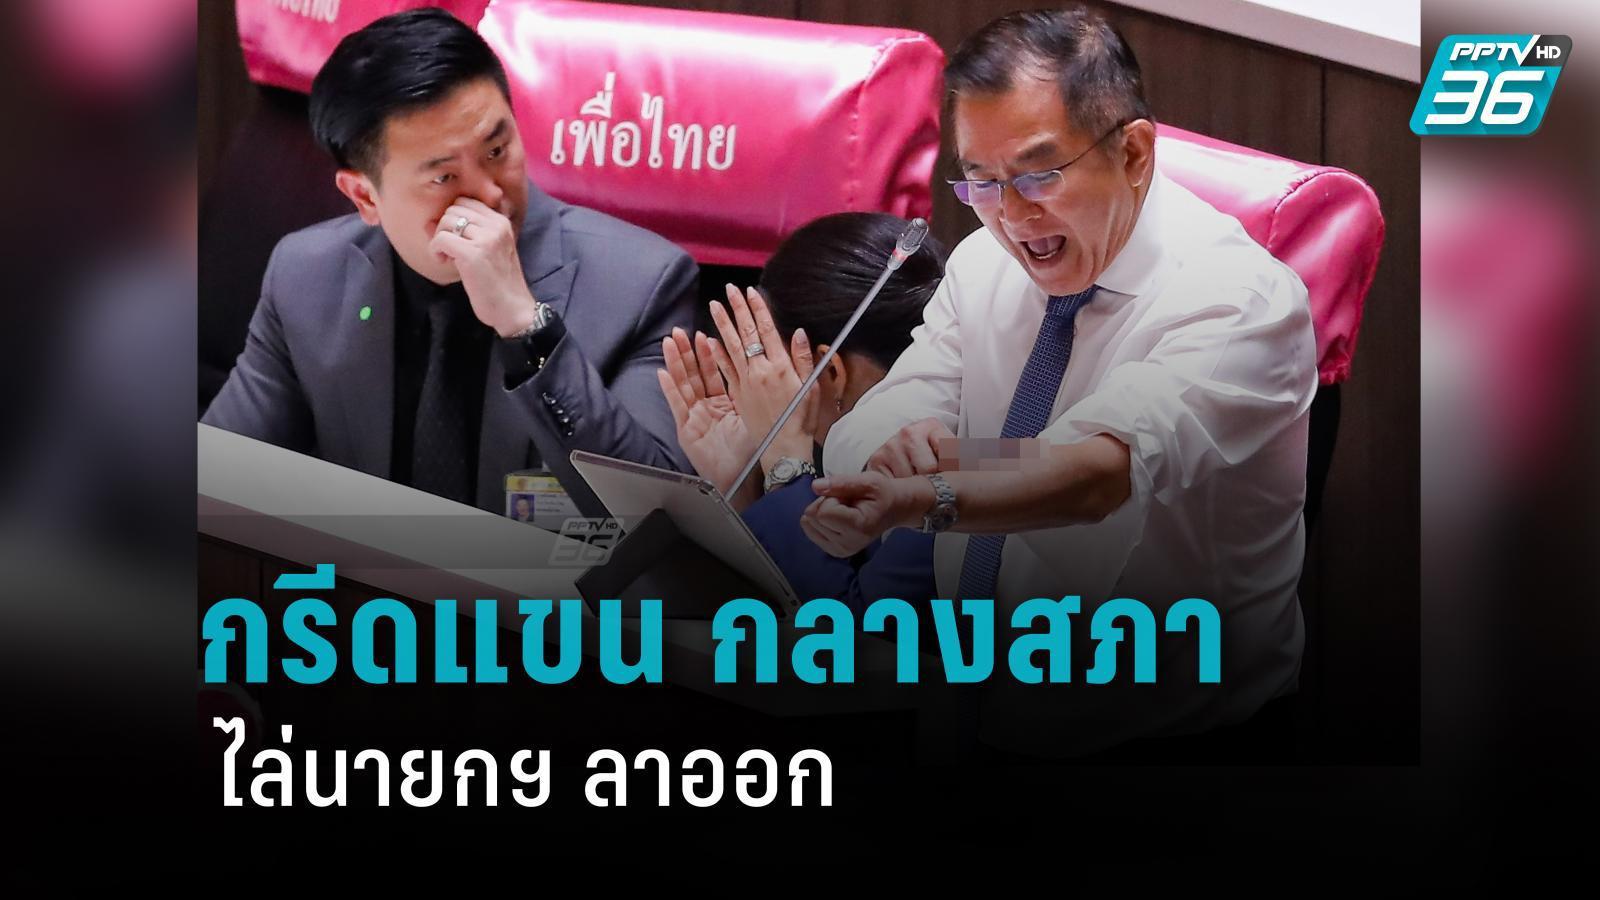 """ช็อก! ส.ส.เพื่อไทย ควักมีดกรีดแขนกลางสภา ประท้วง""""บิ๊กตู่"""" ที่ไม่ยอมลาออก"""